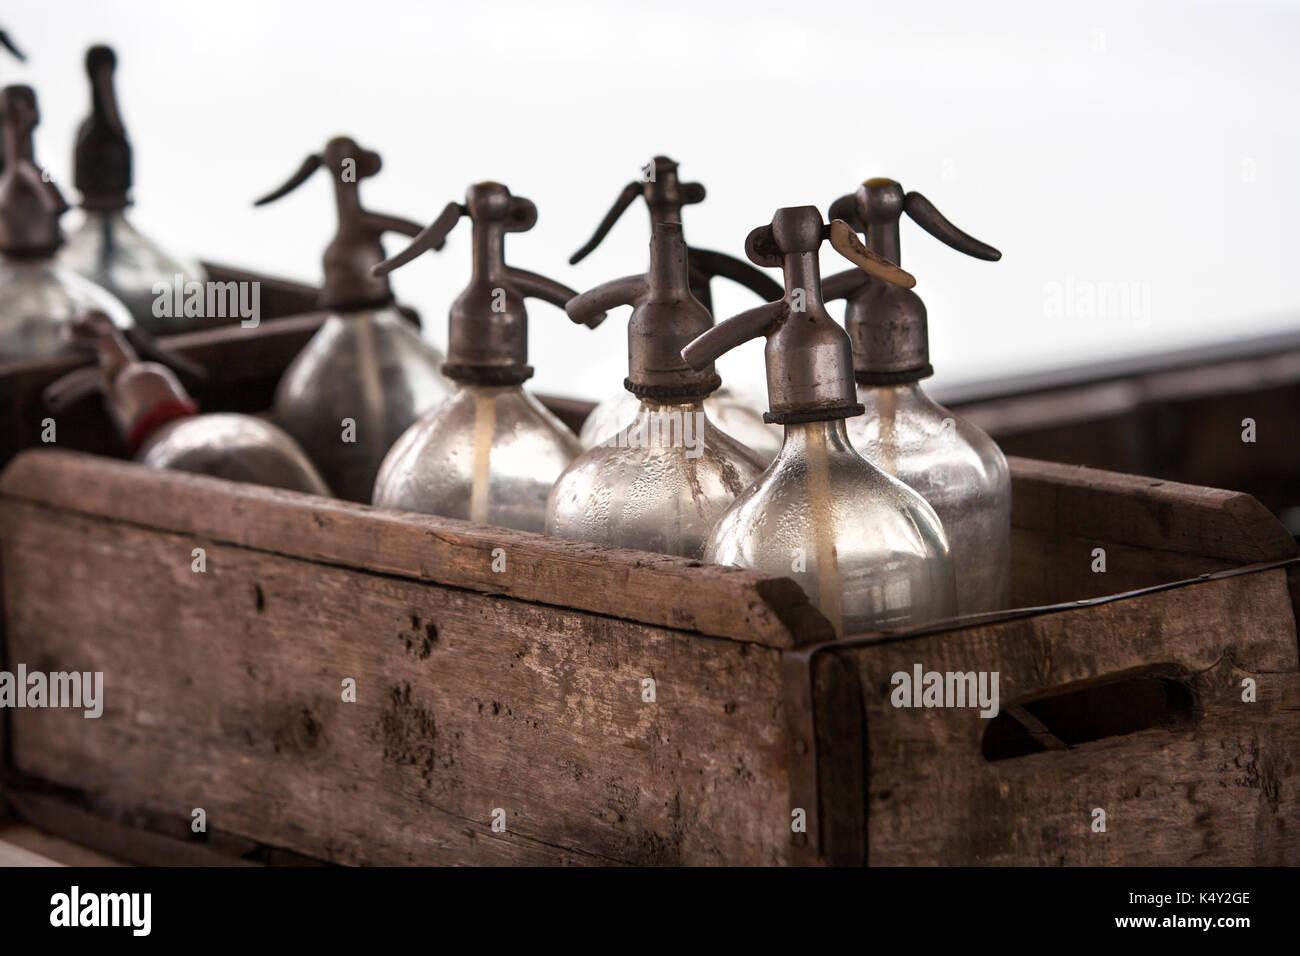 Vintage Soda-Flaschen